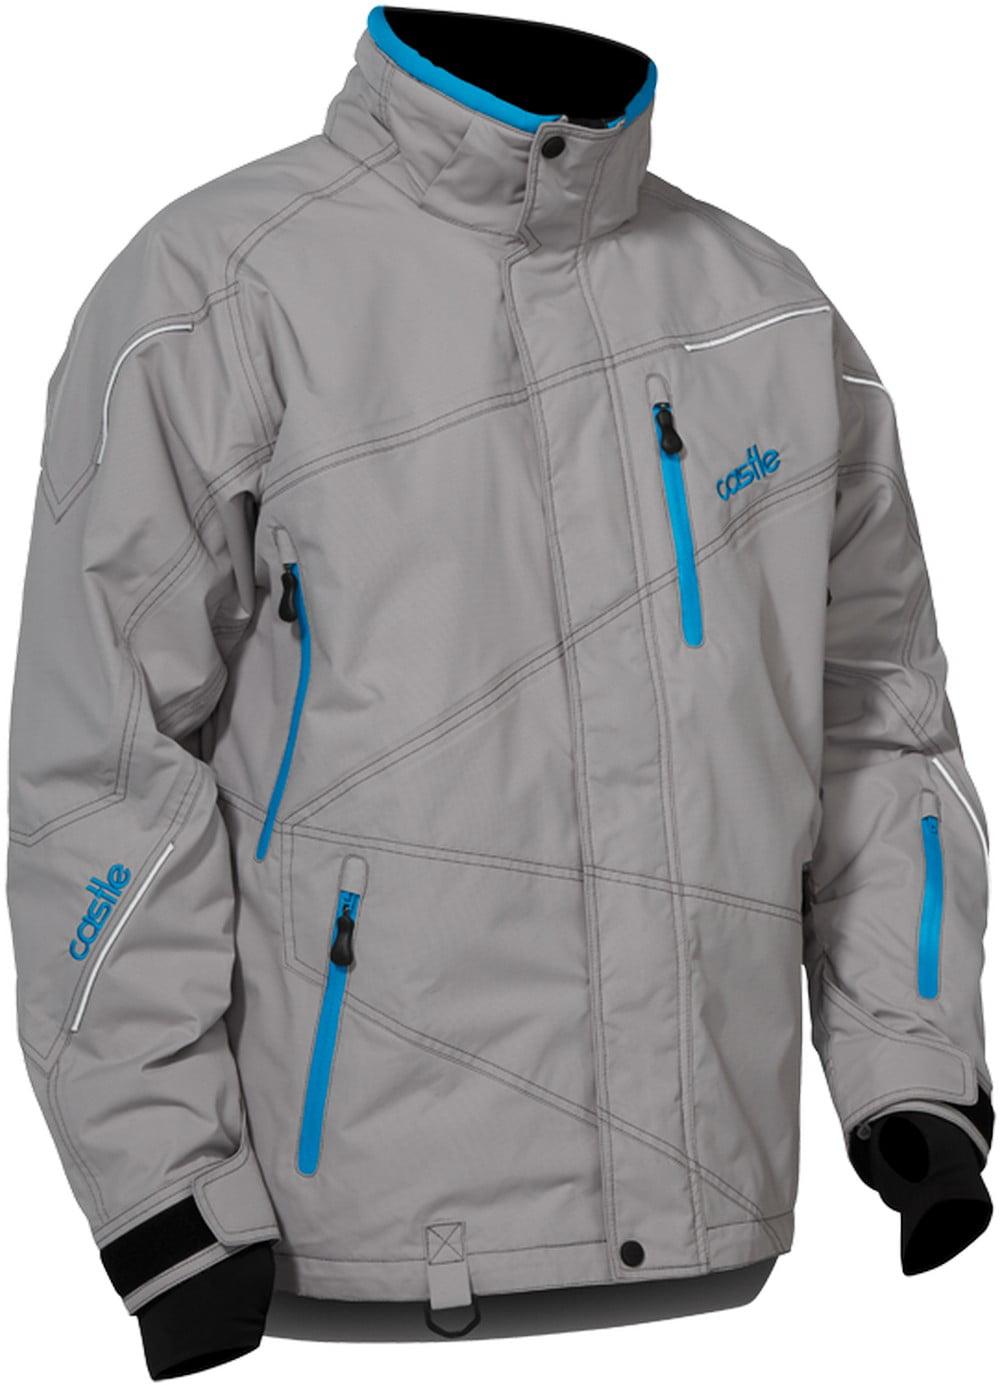 Castle X Racewear Surge Mens Snowmobile Parka Jacket Gray Reflex Blue by Parkas